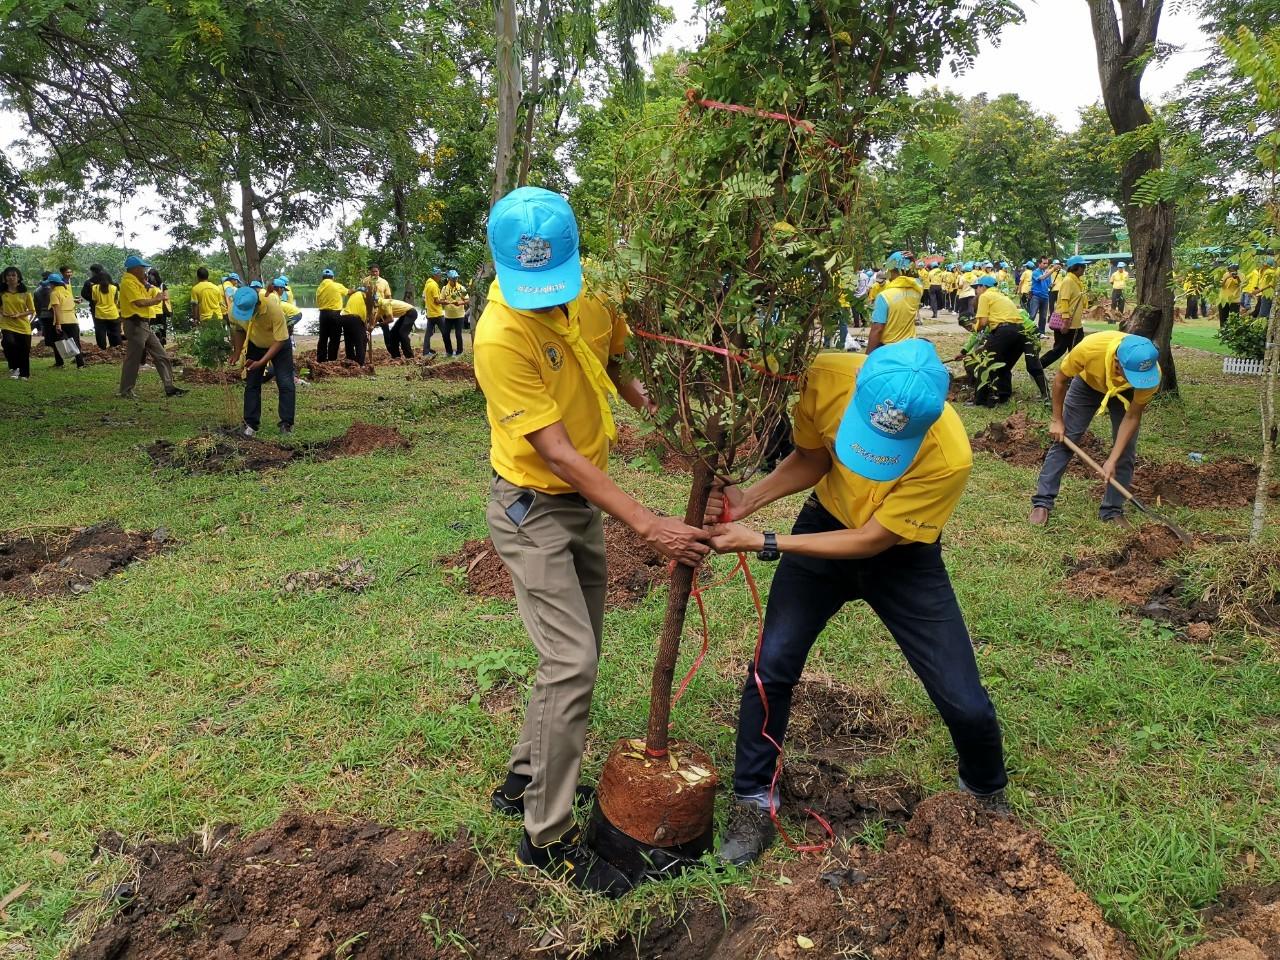 ไฟล์แนบ กปภ.สาขาศีขรภูมิร่วมโครงการจิตอาสา เราทำความดีด้วยหัวใจ  ร่วมกันปลูกต้นไม้